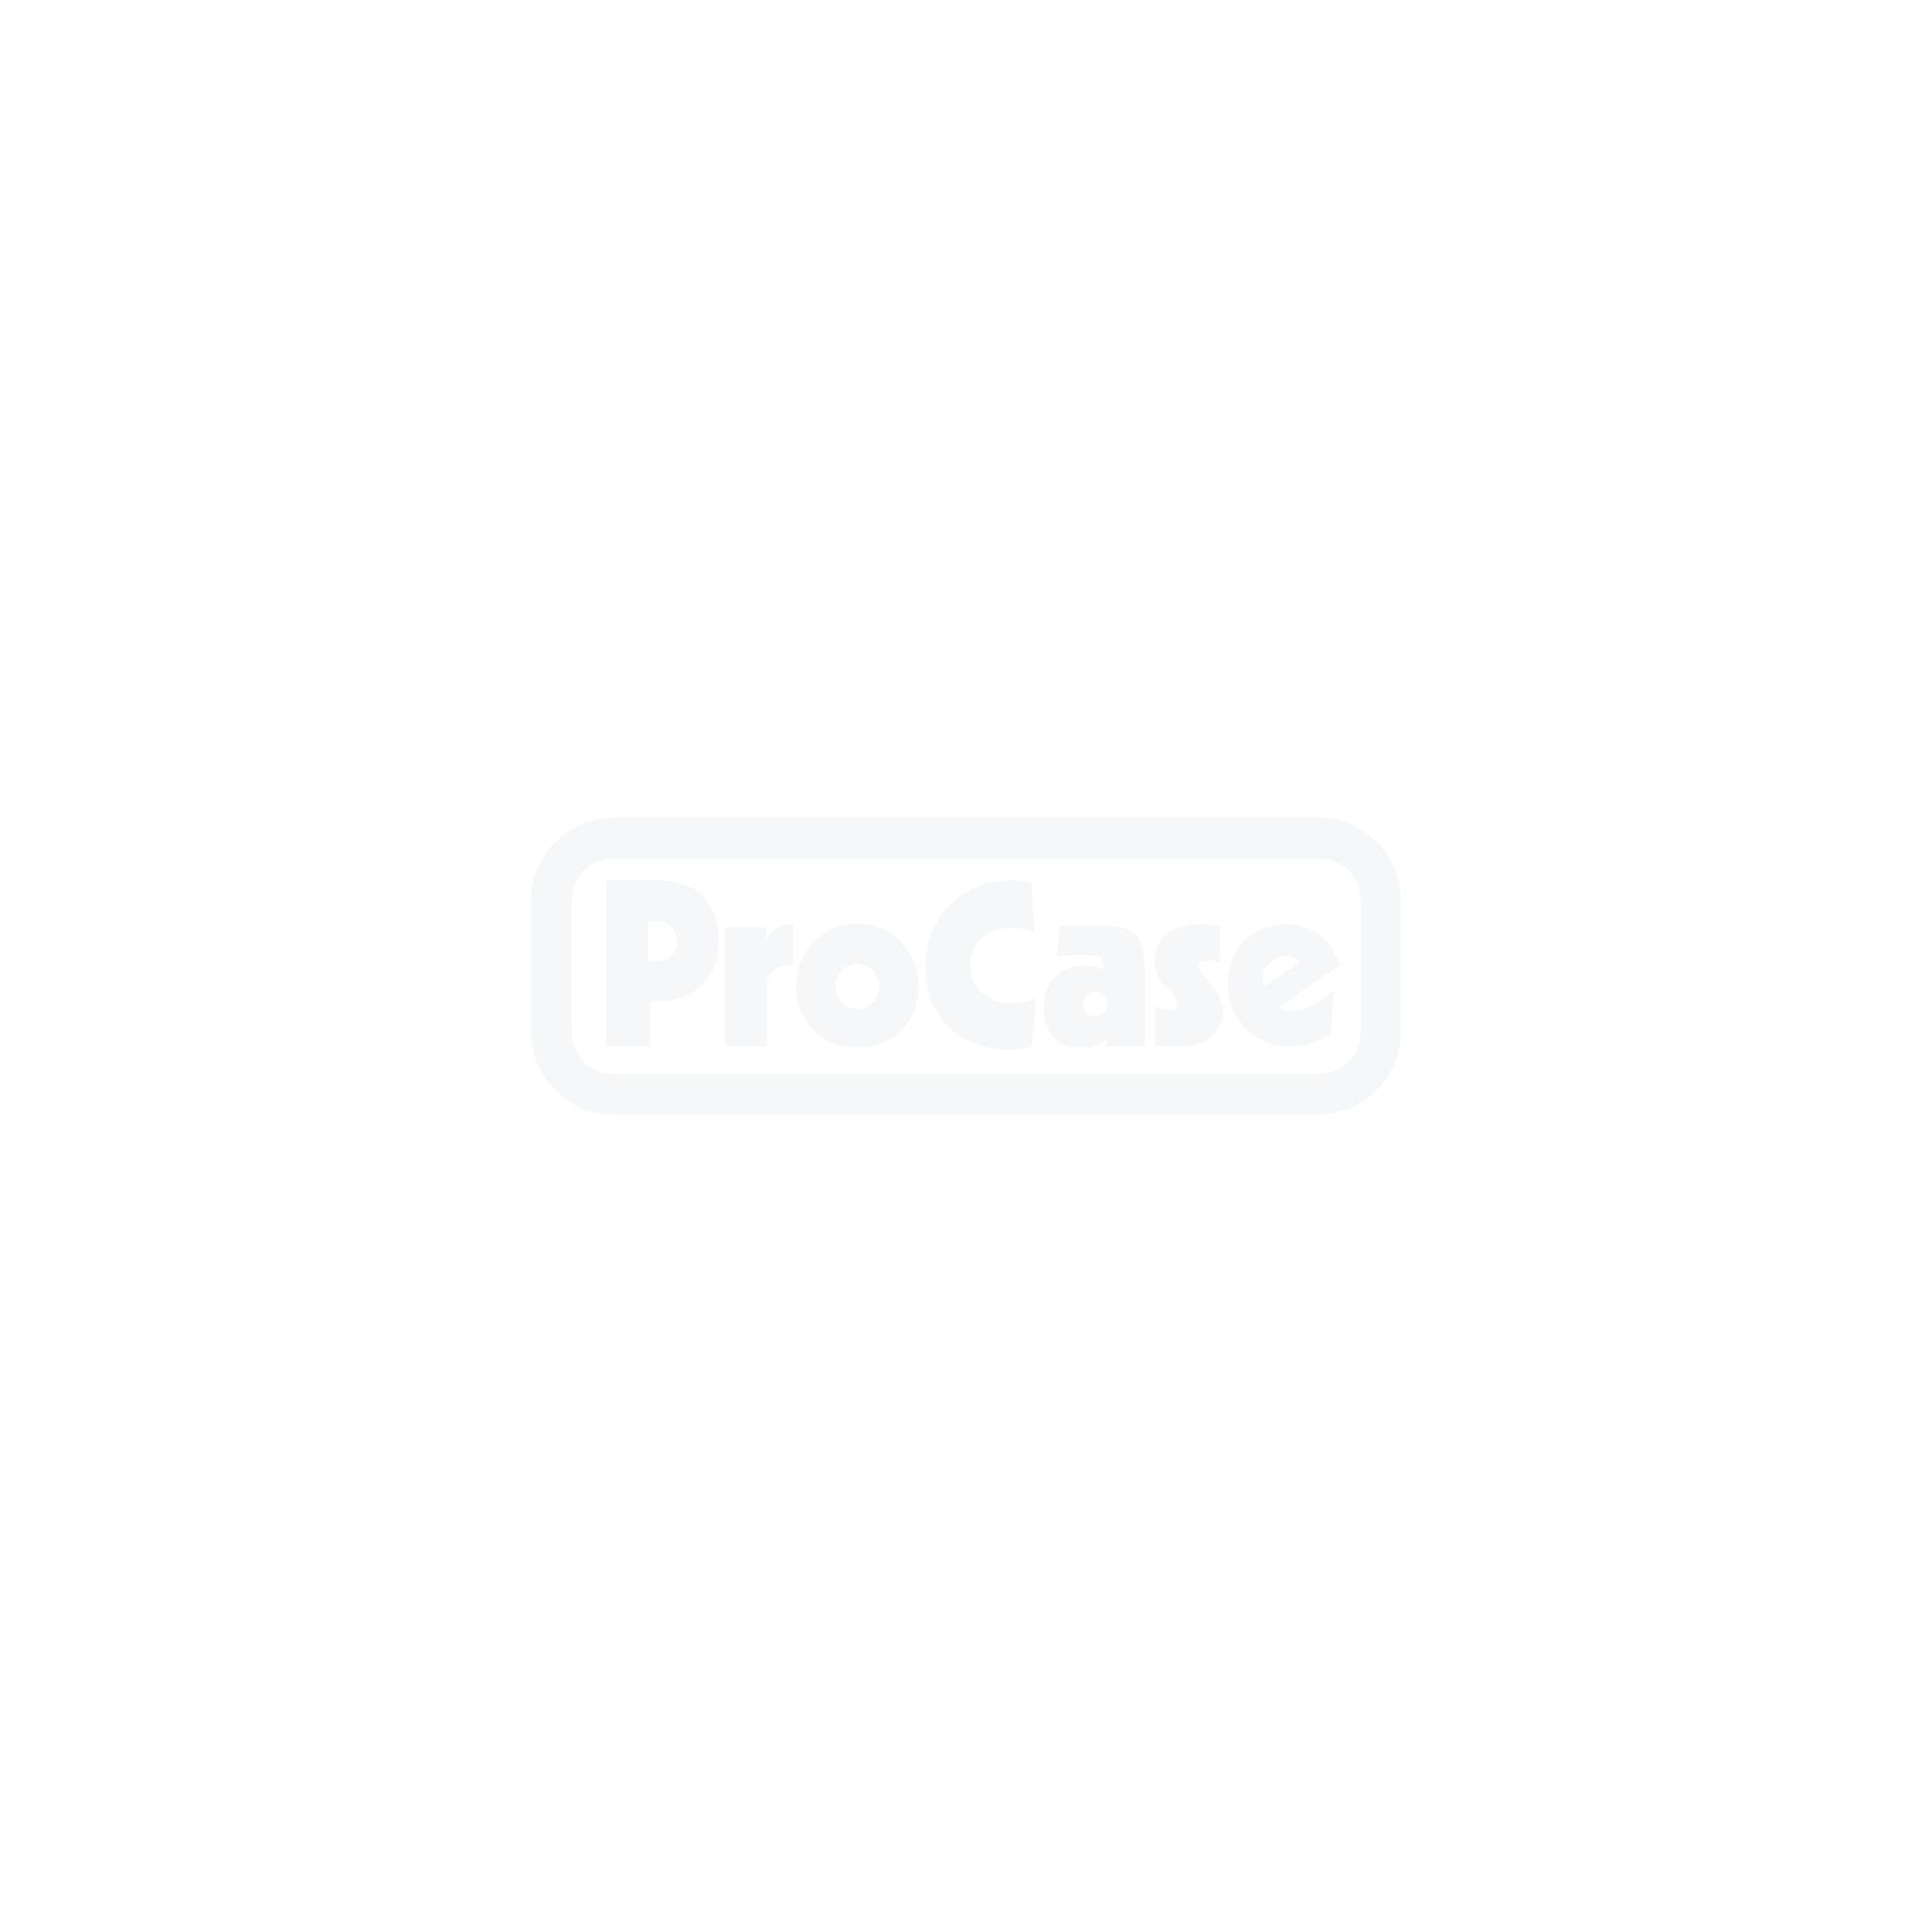 Flightcase für 2 Kling & Freitag CA 1001 mit Bügel 2